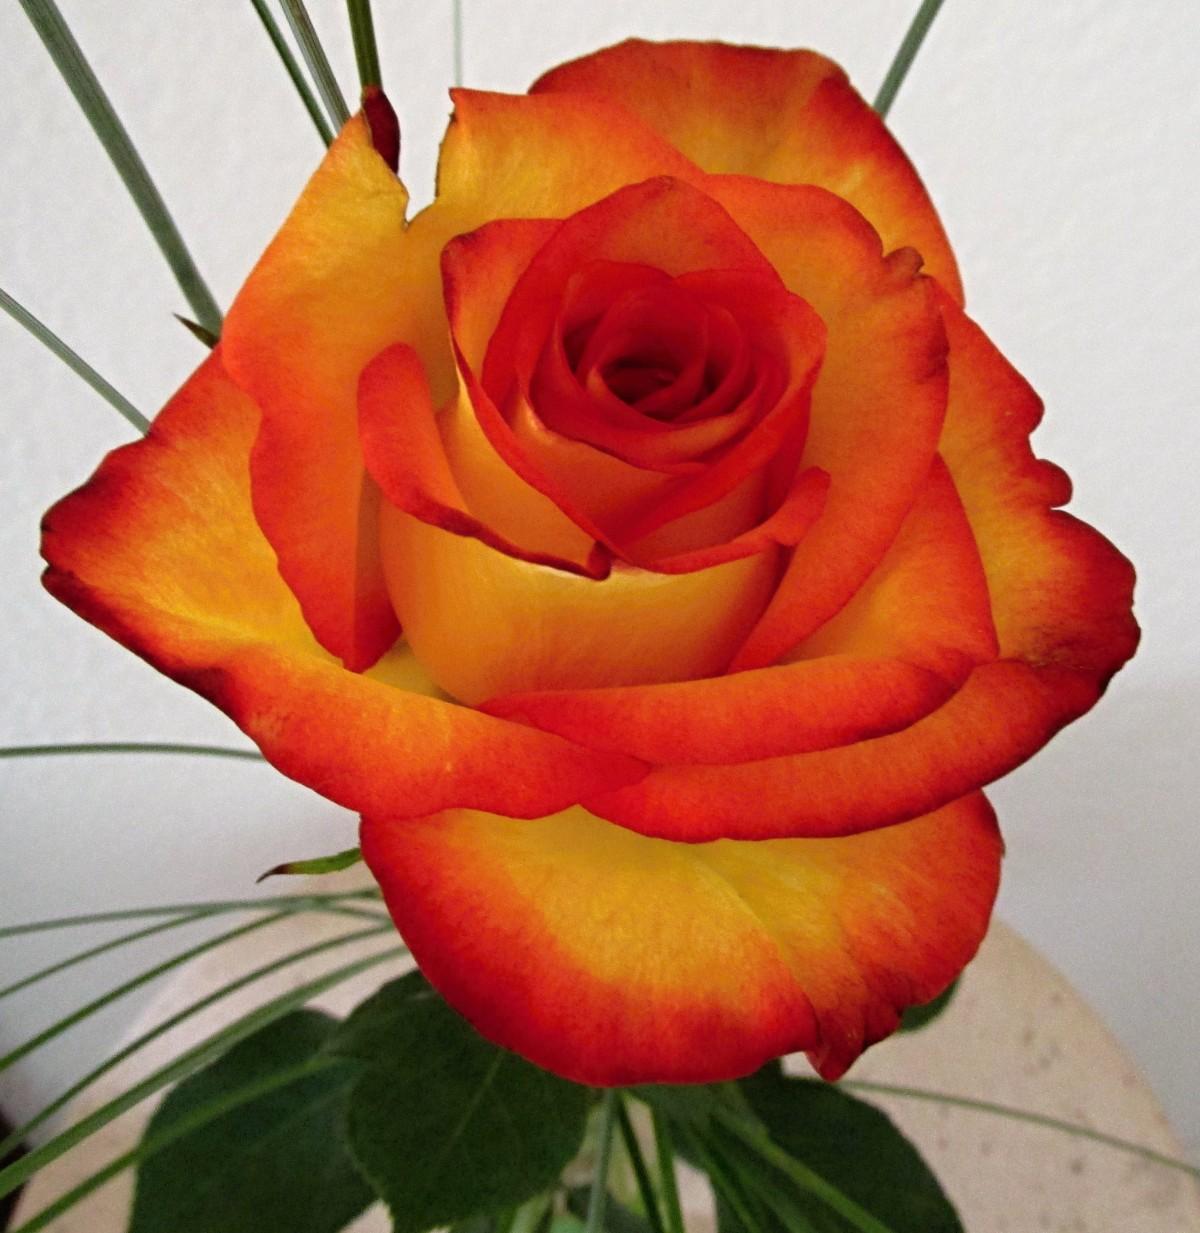 images gratuites fleur p tale floraison amour orange rouge couleur romantique jaune. Black Bedroom Furniture Sets. Home Design Ideas